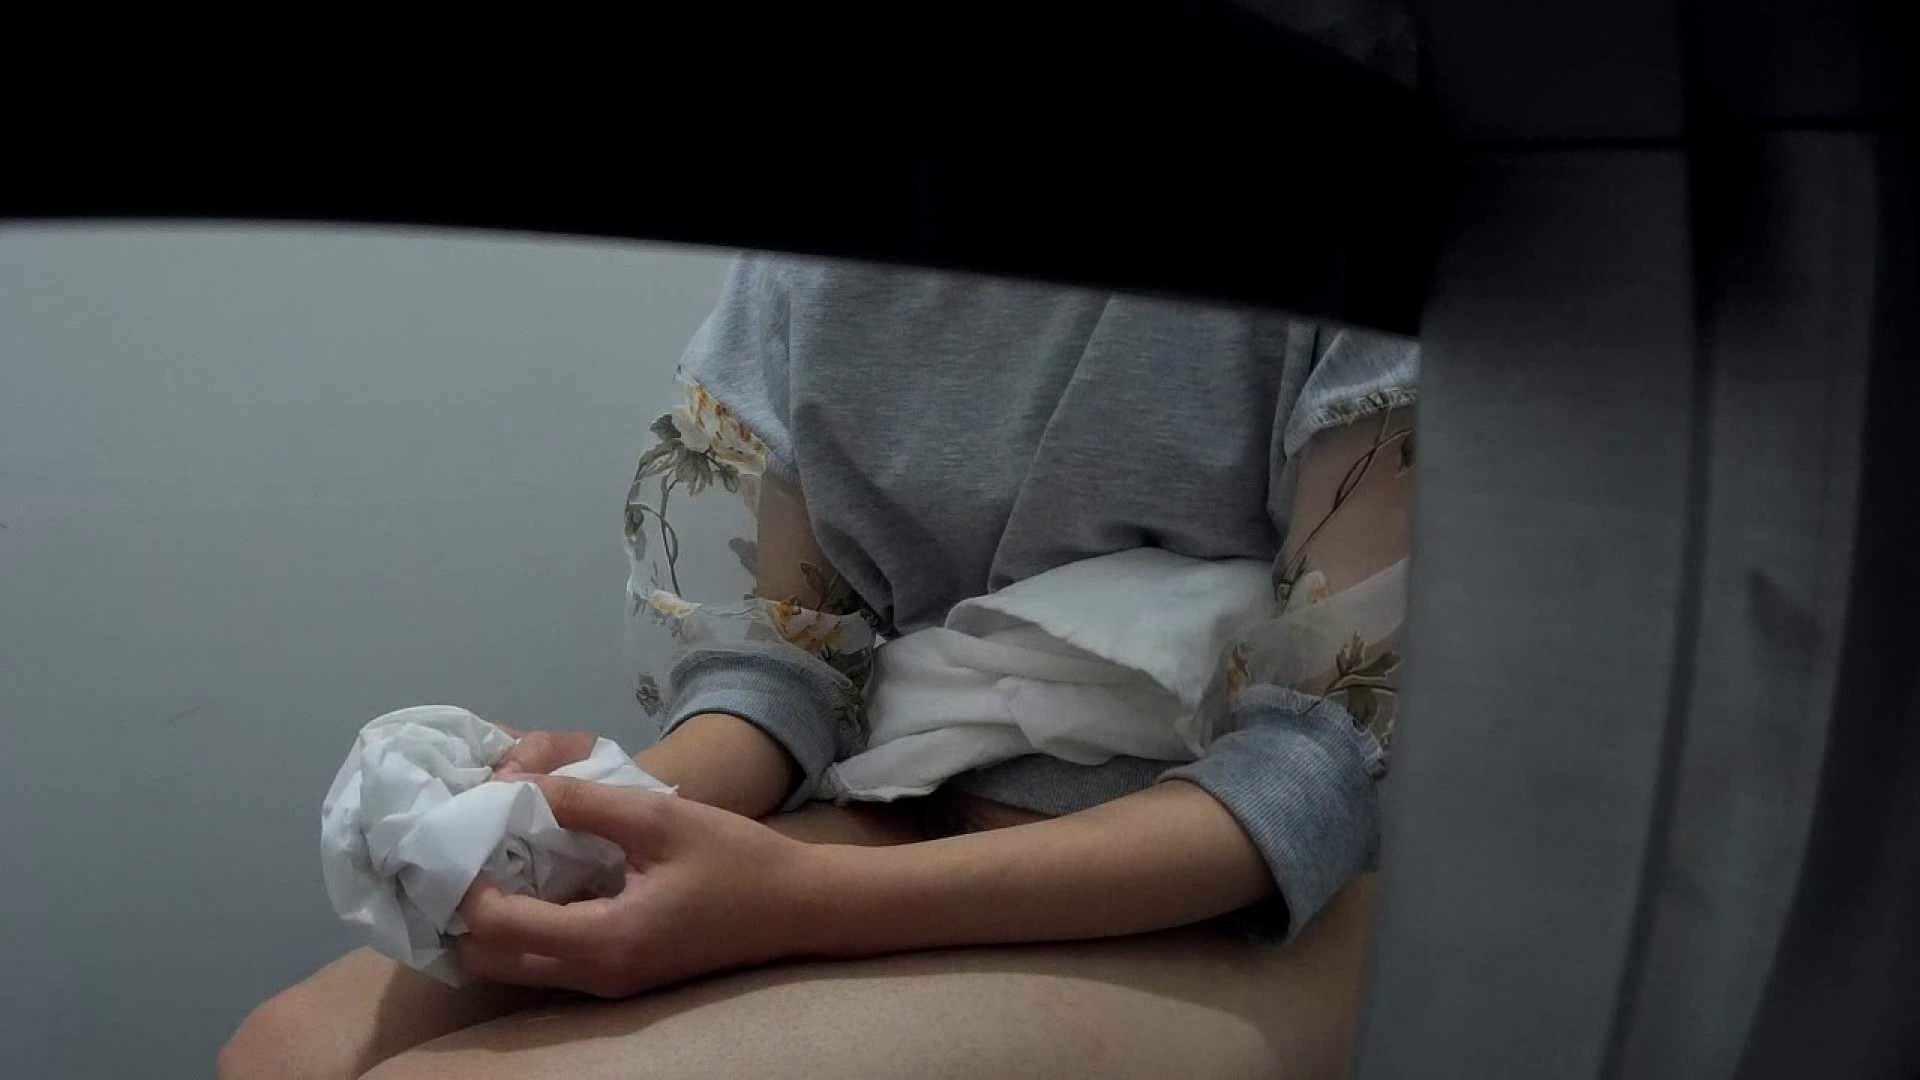 無修正ヌード|有名大学女性洗面所 vol.40 ??おまじない的な動きをする子がいます。|のぞき本舗 中村屋